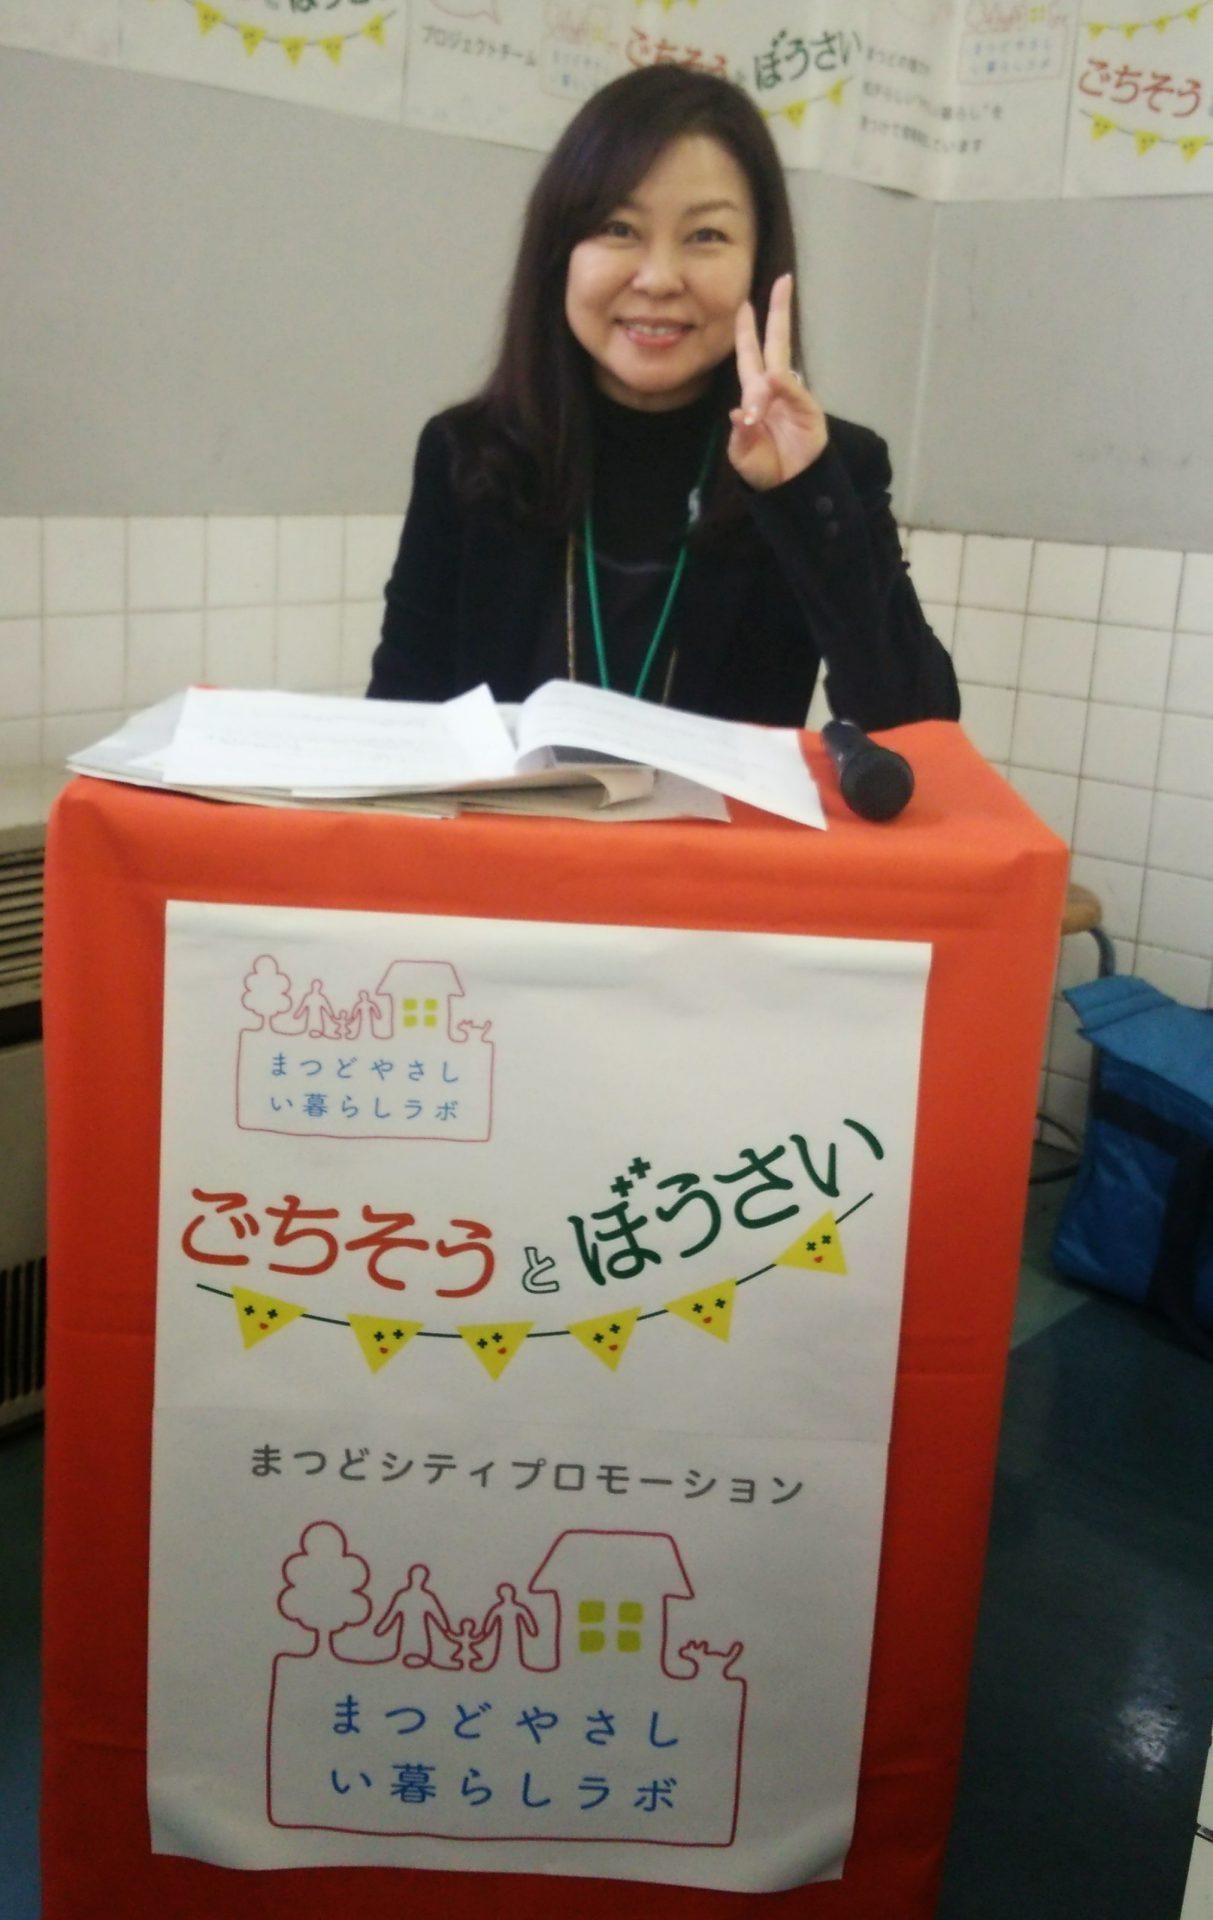 司会の上條栄子さん